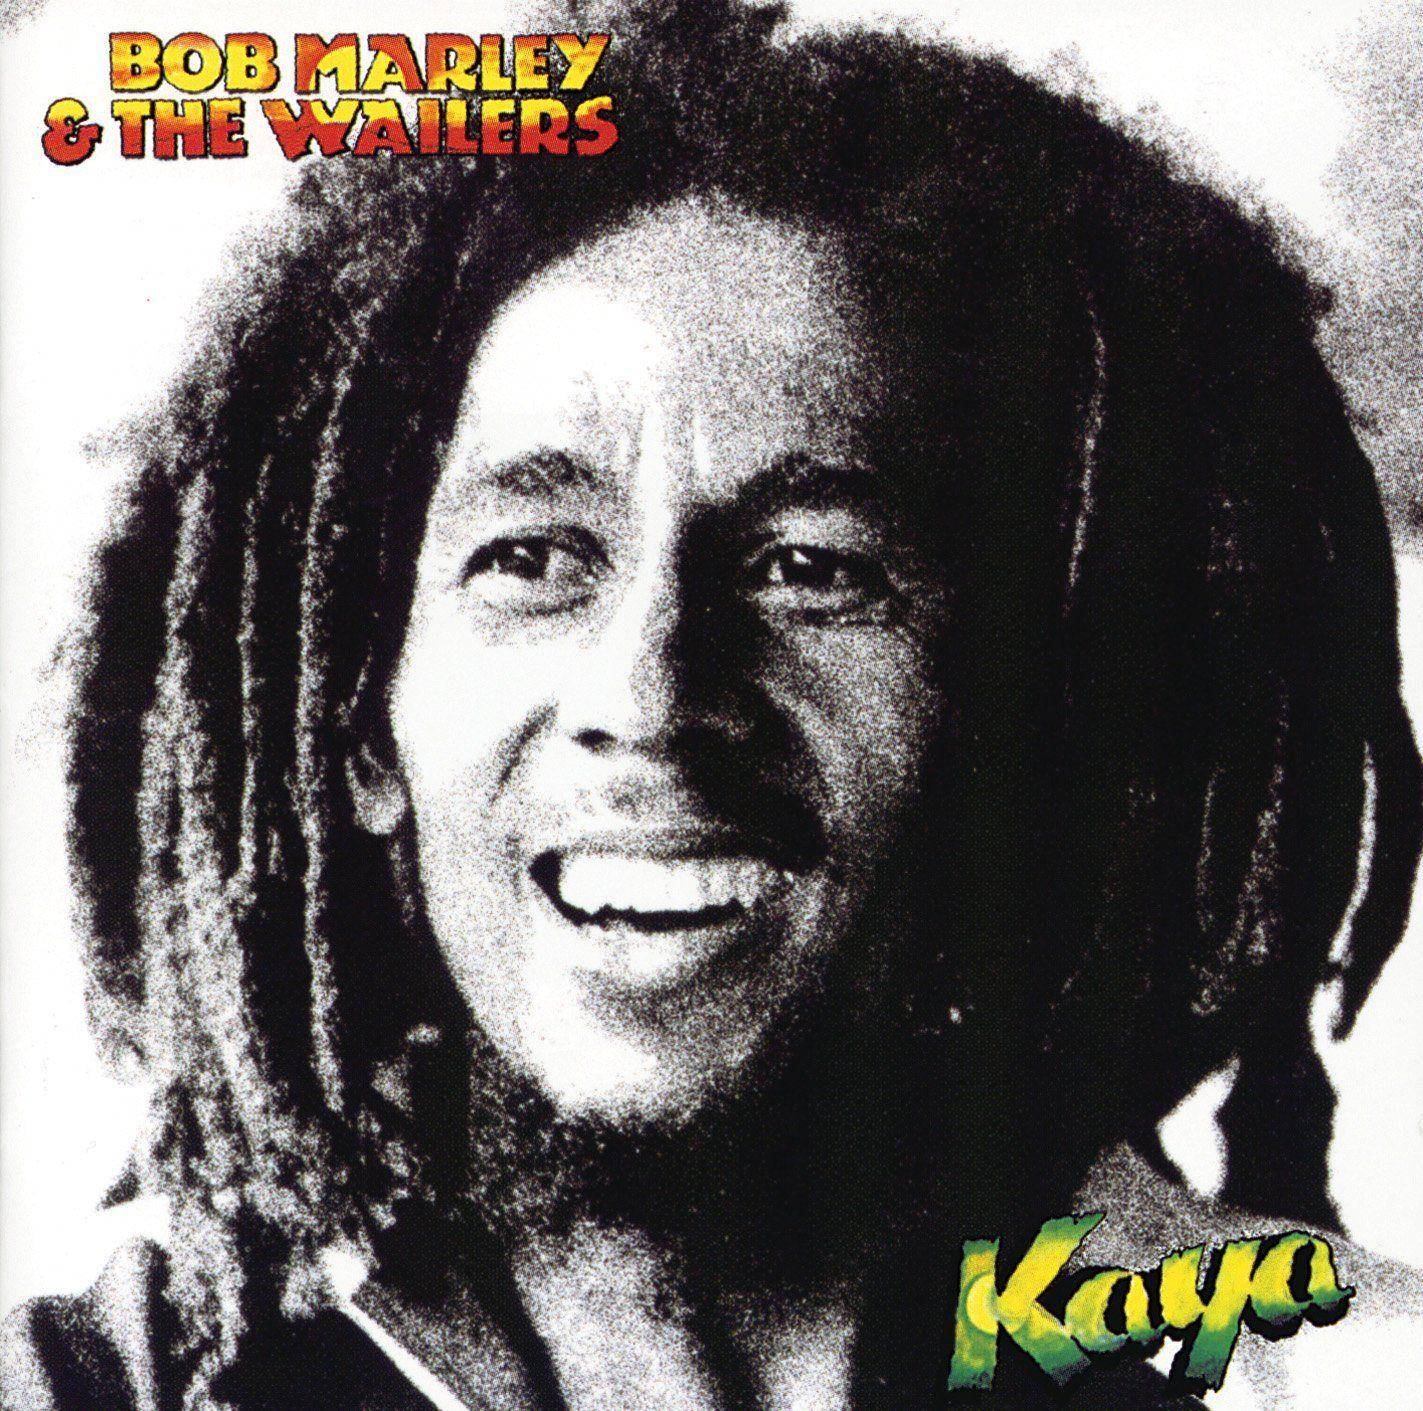 Bob Marley - Kaya - 1978